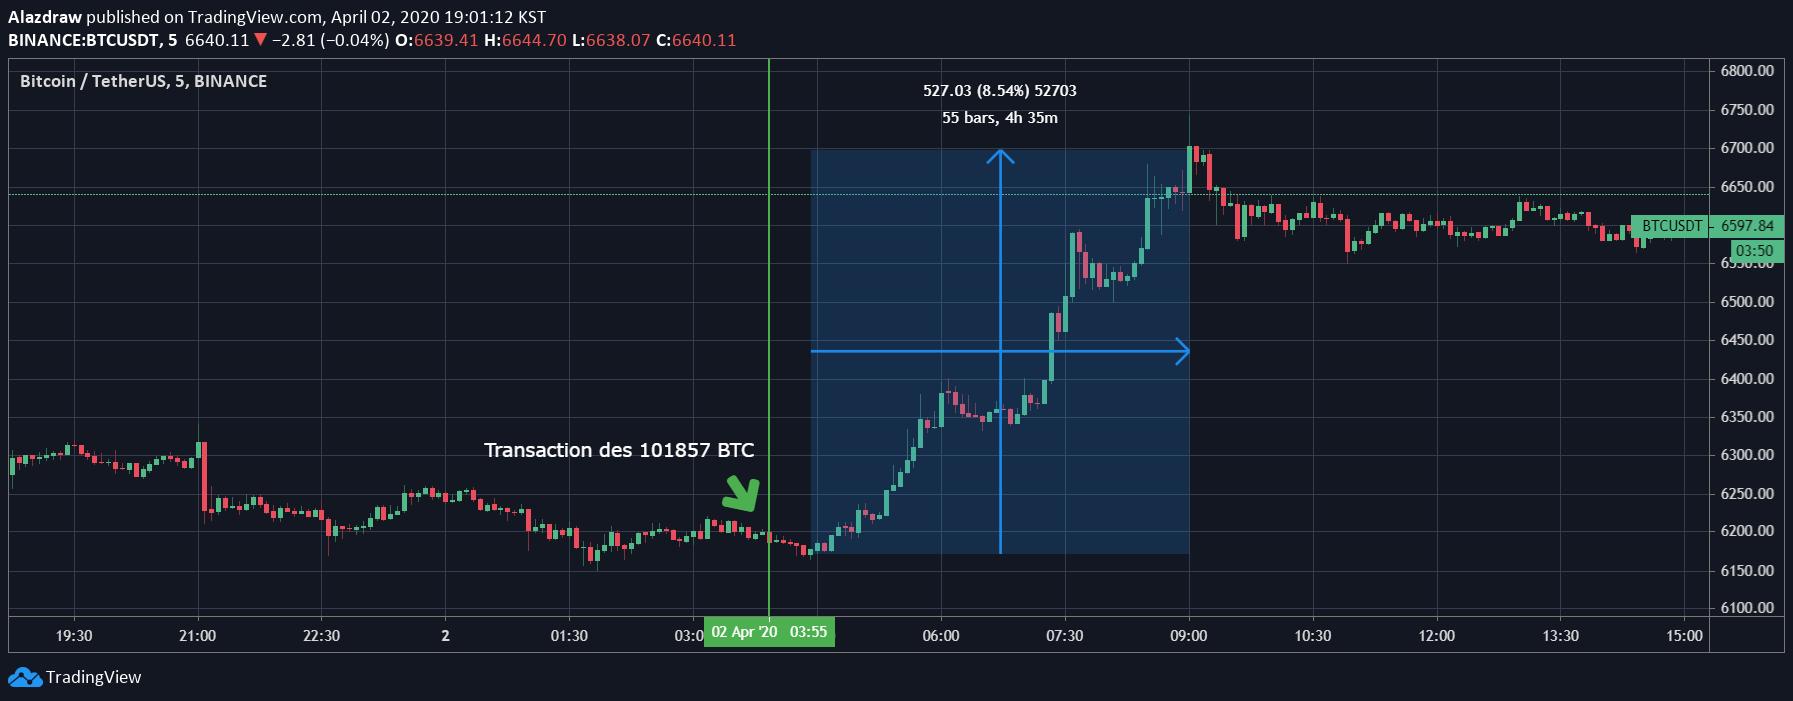 Cours du Bitcoin après transaction importante